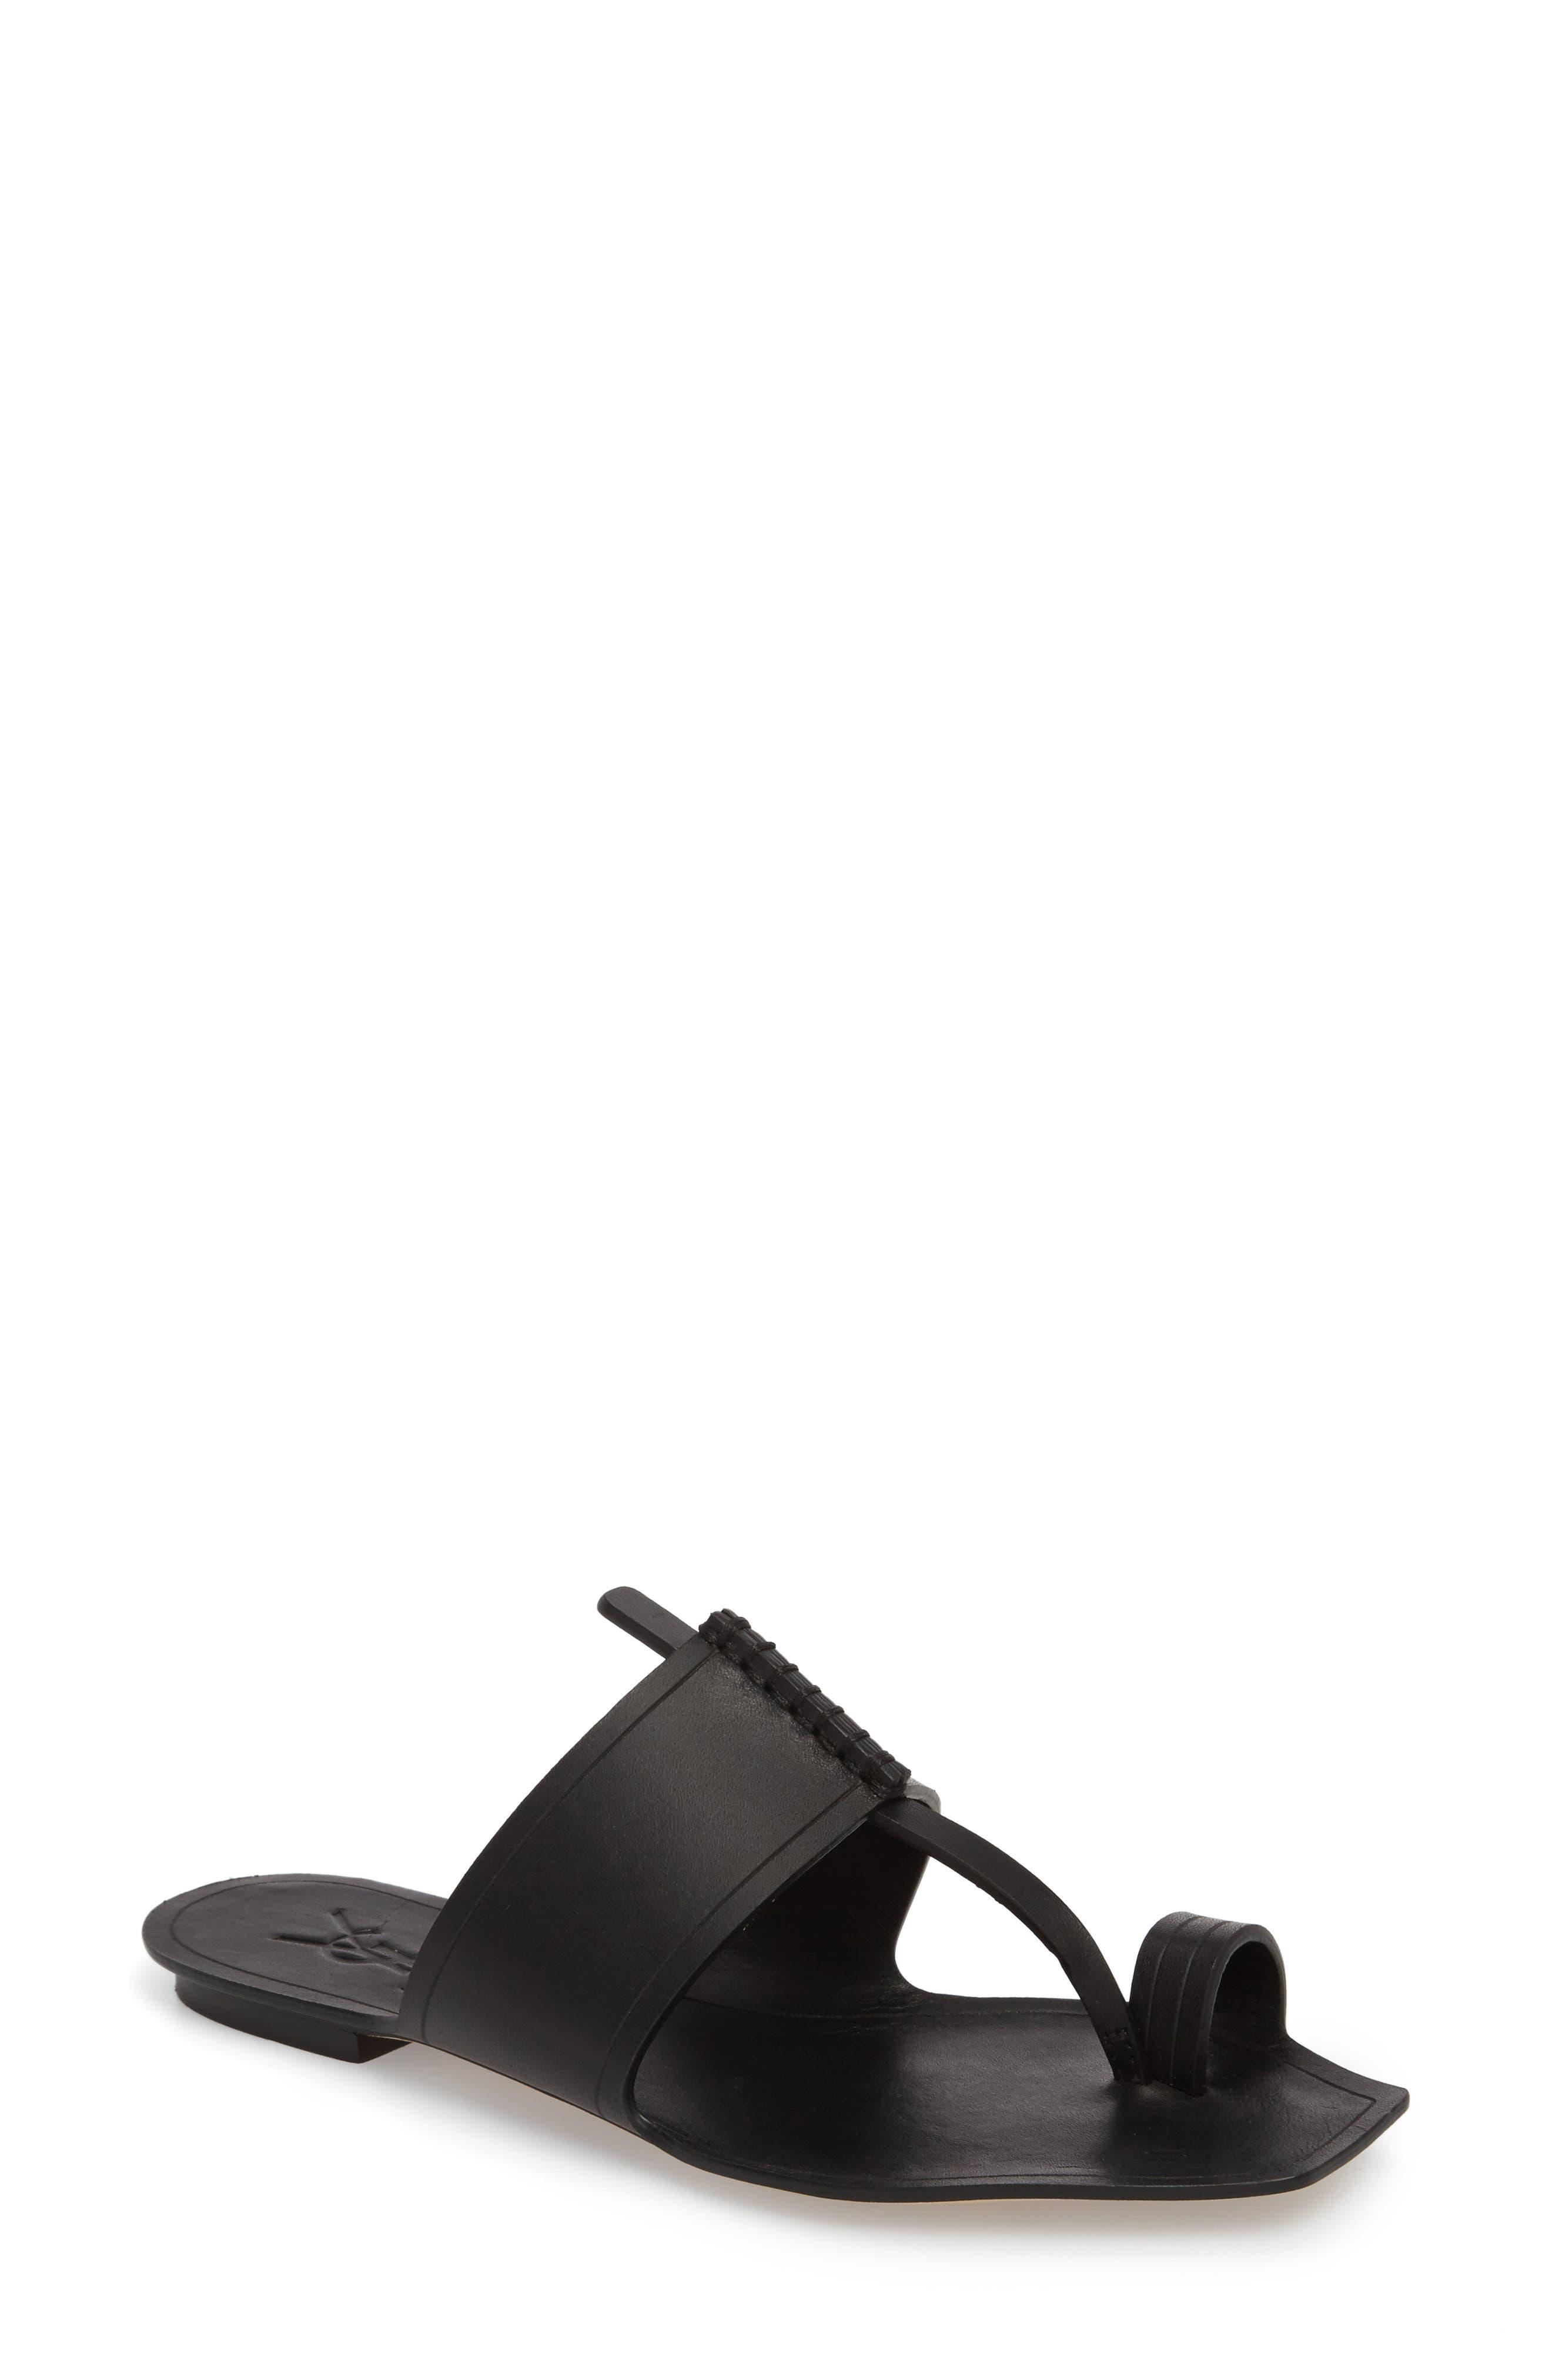 Alternate Image 1 Selected - Saint Laurent Toe Loop Sandal (Women)